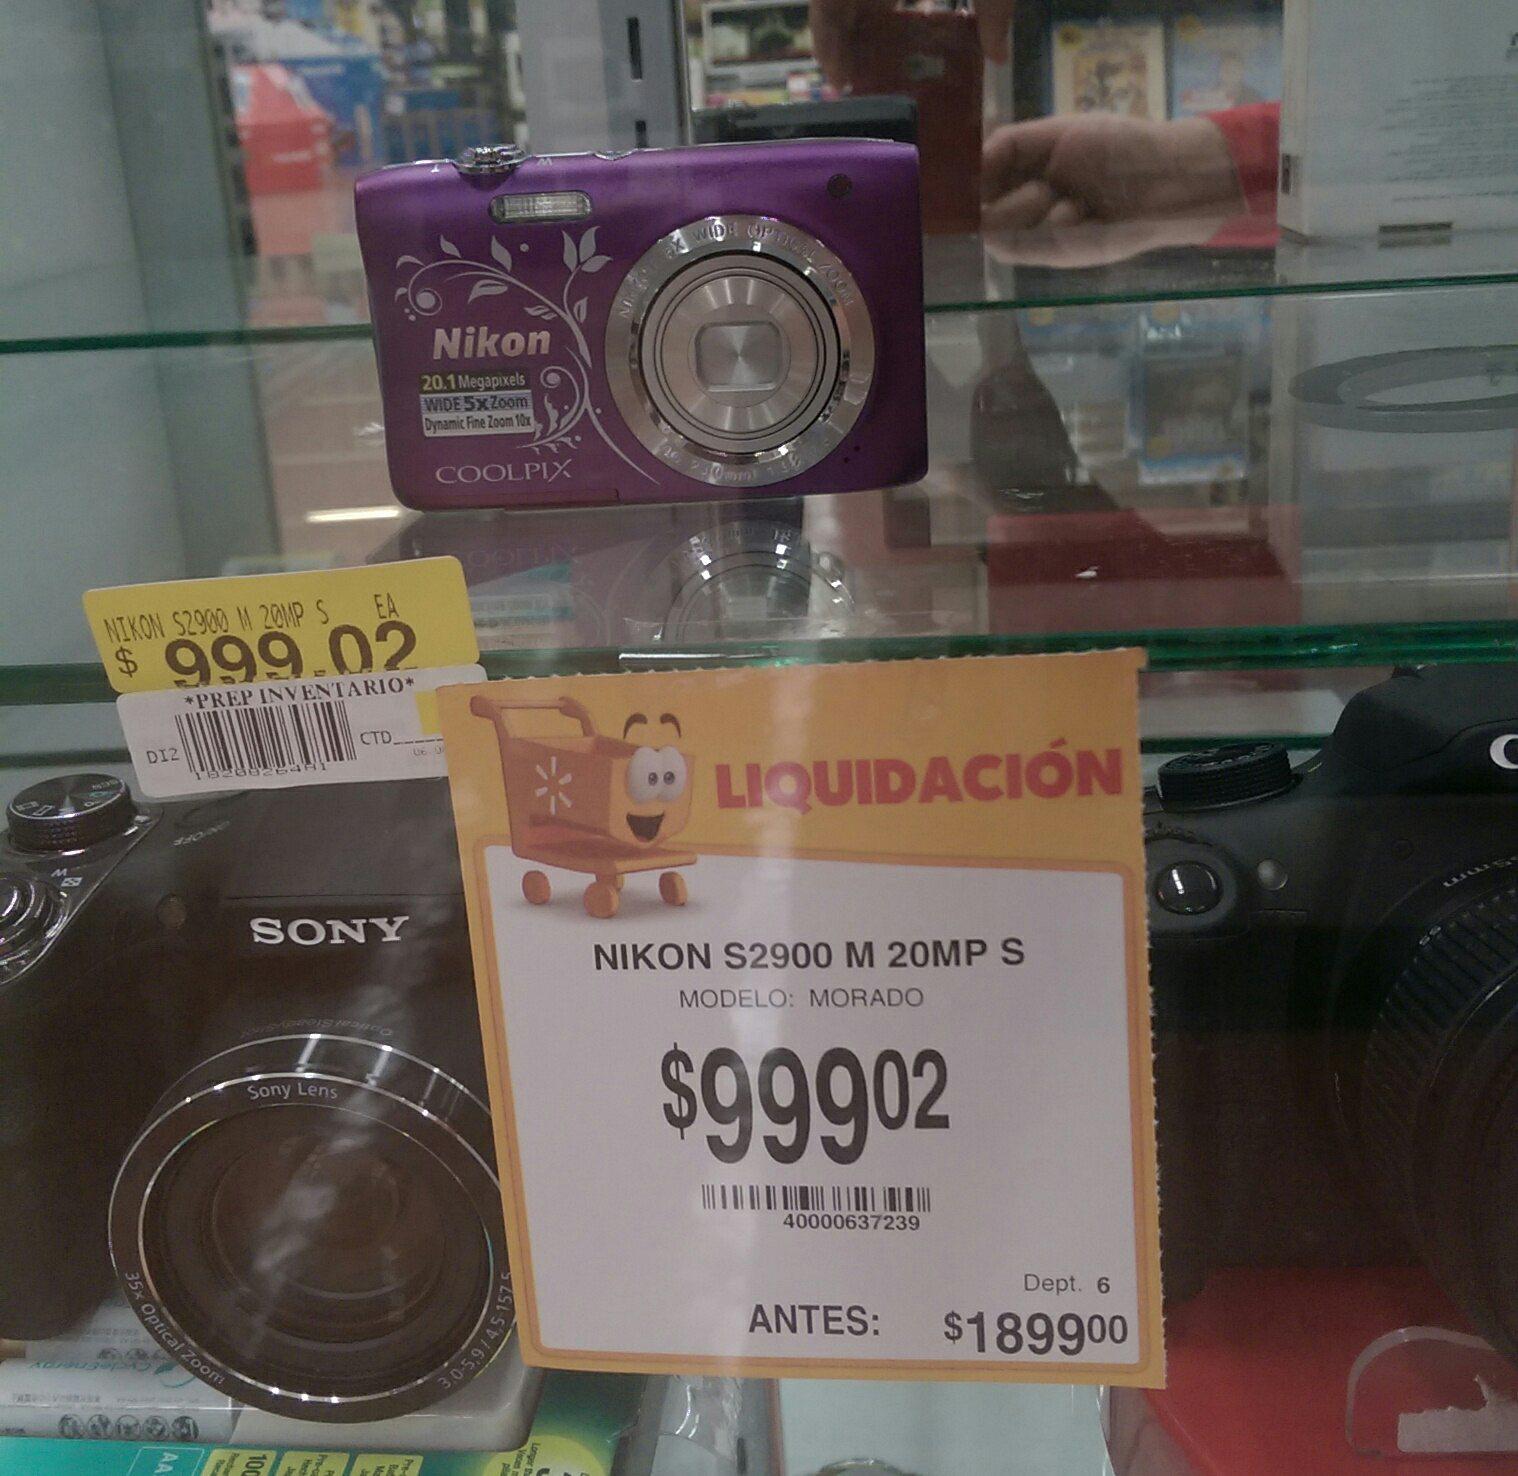 Walmart: Camara Nikon Coolpix en liquidacion